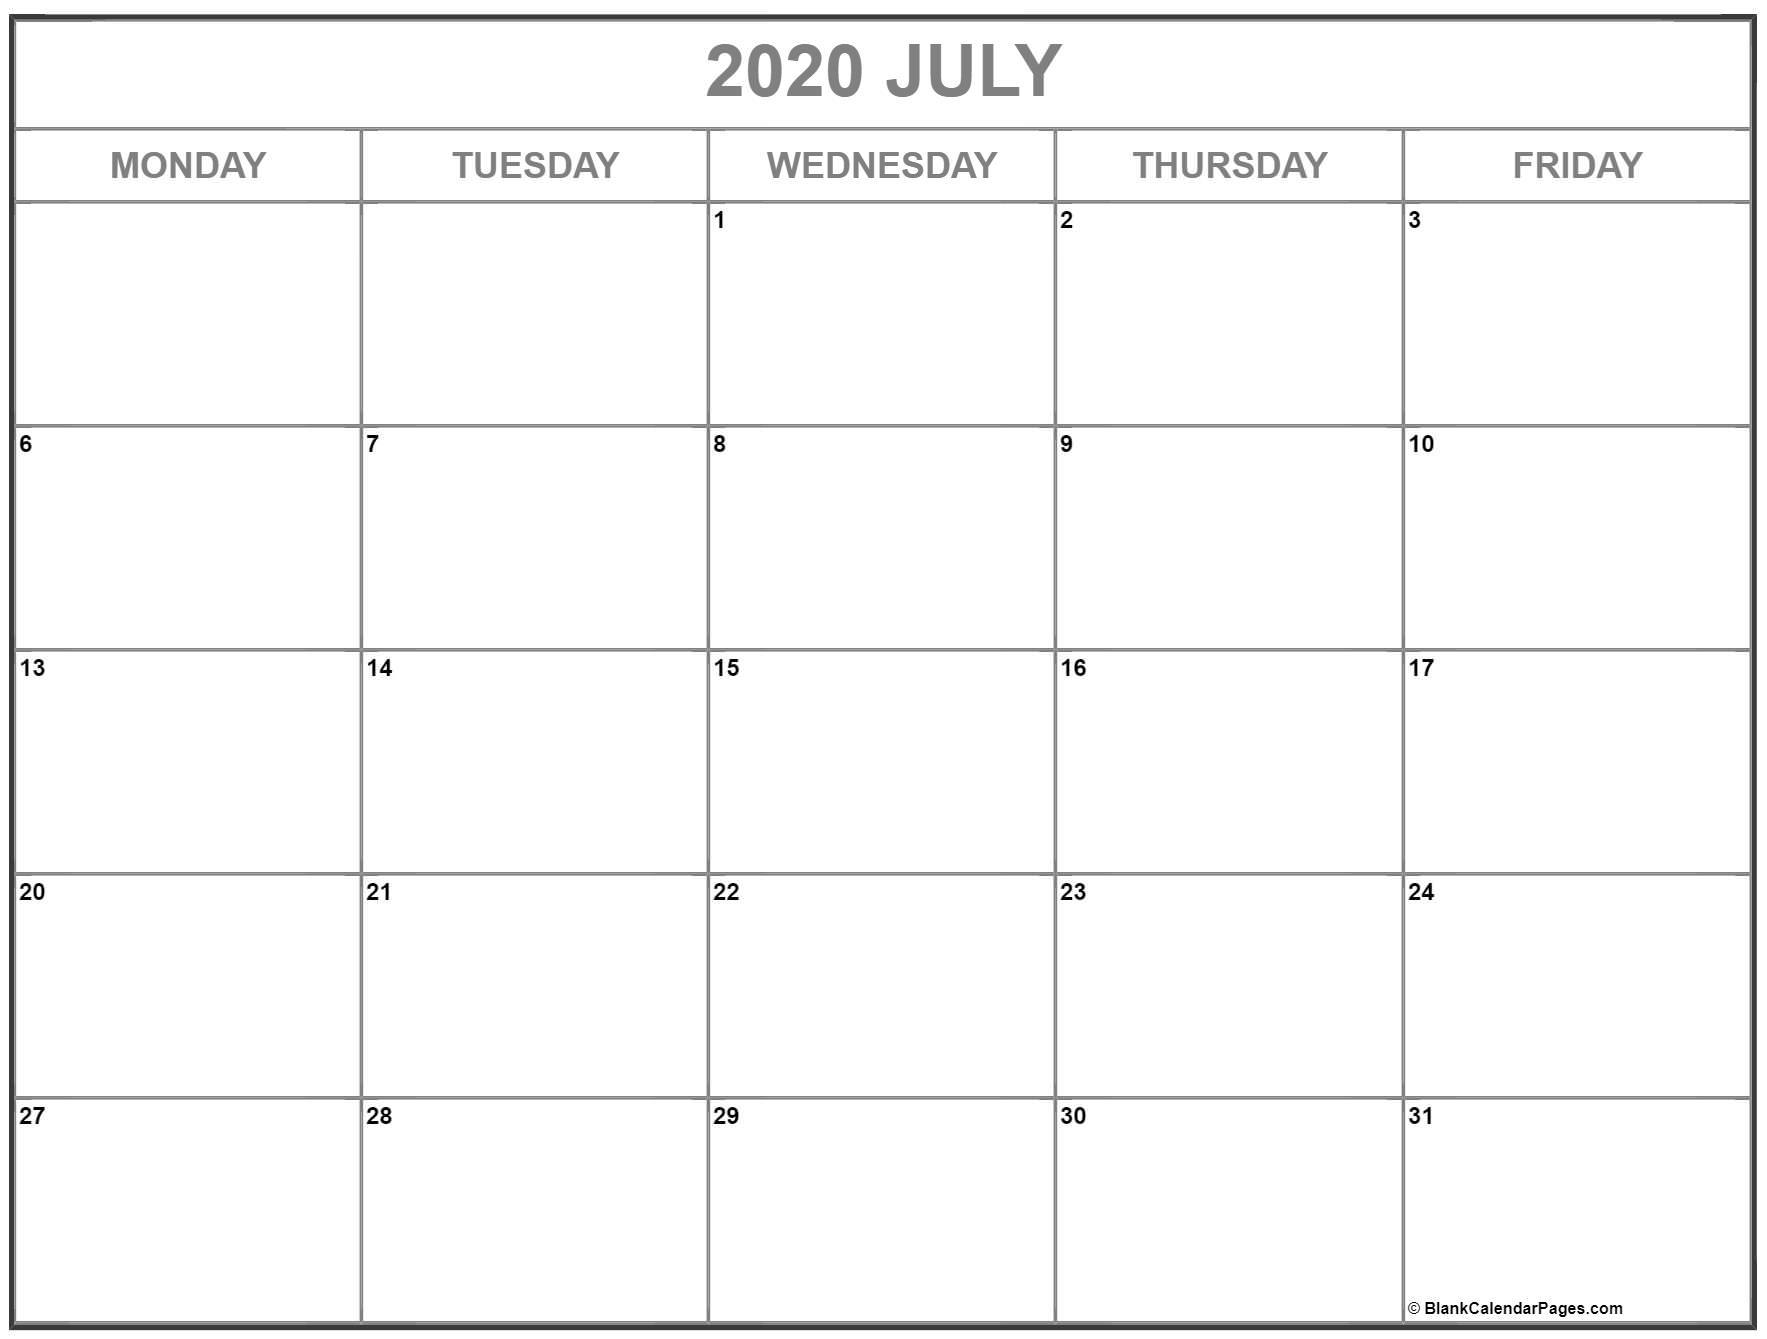 July 2020 Monday Calendar | Monday To Sunday regarding Calendar 2020 Sat Thru Sunday